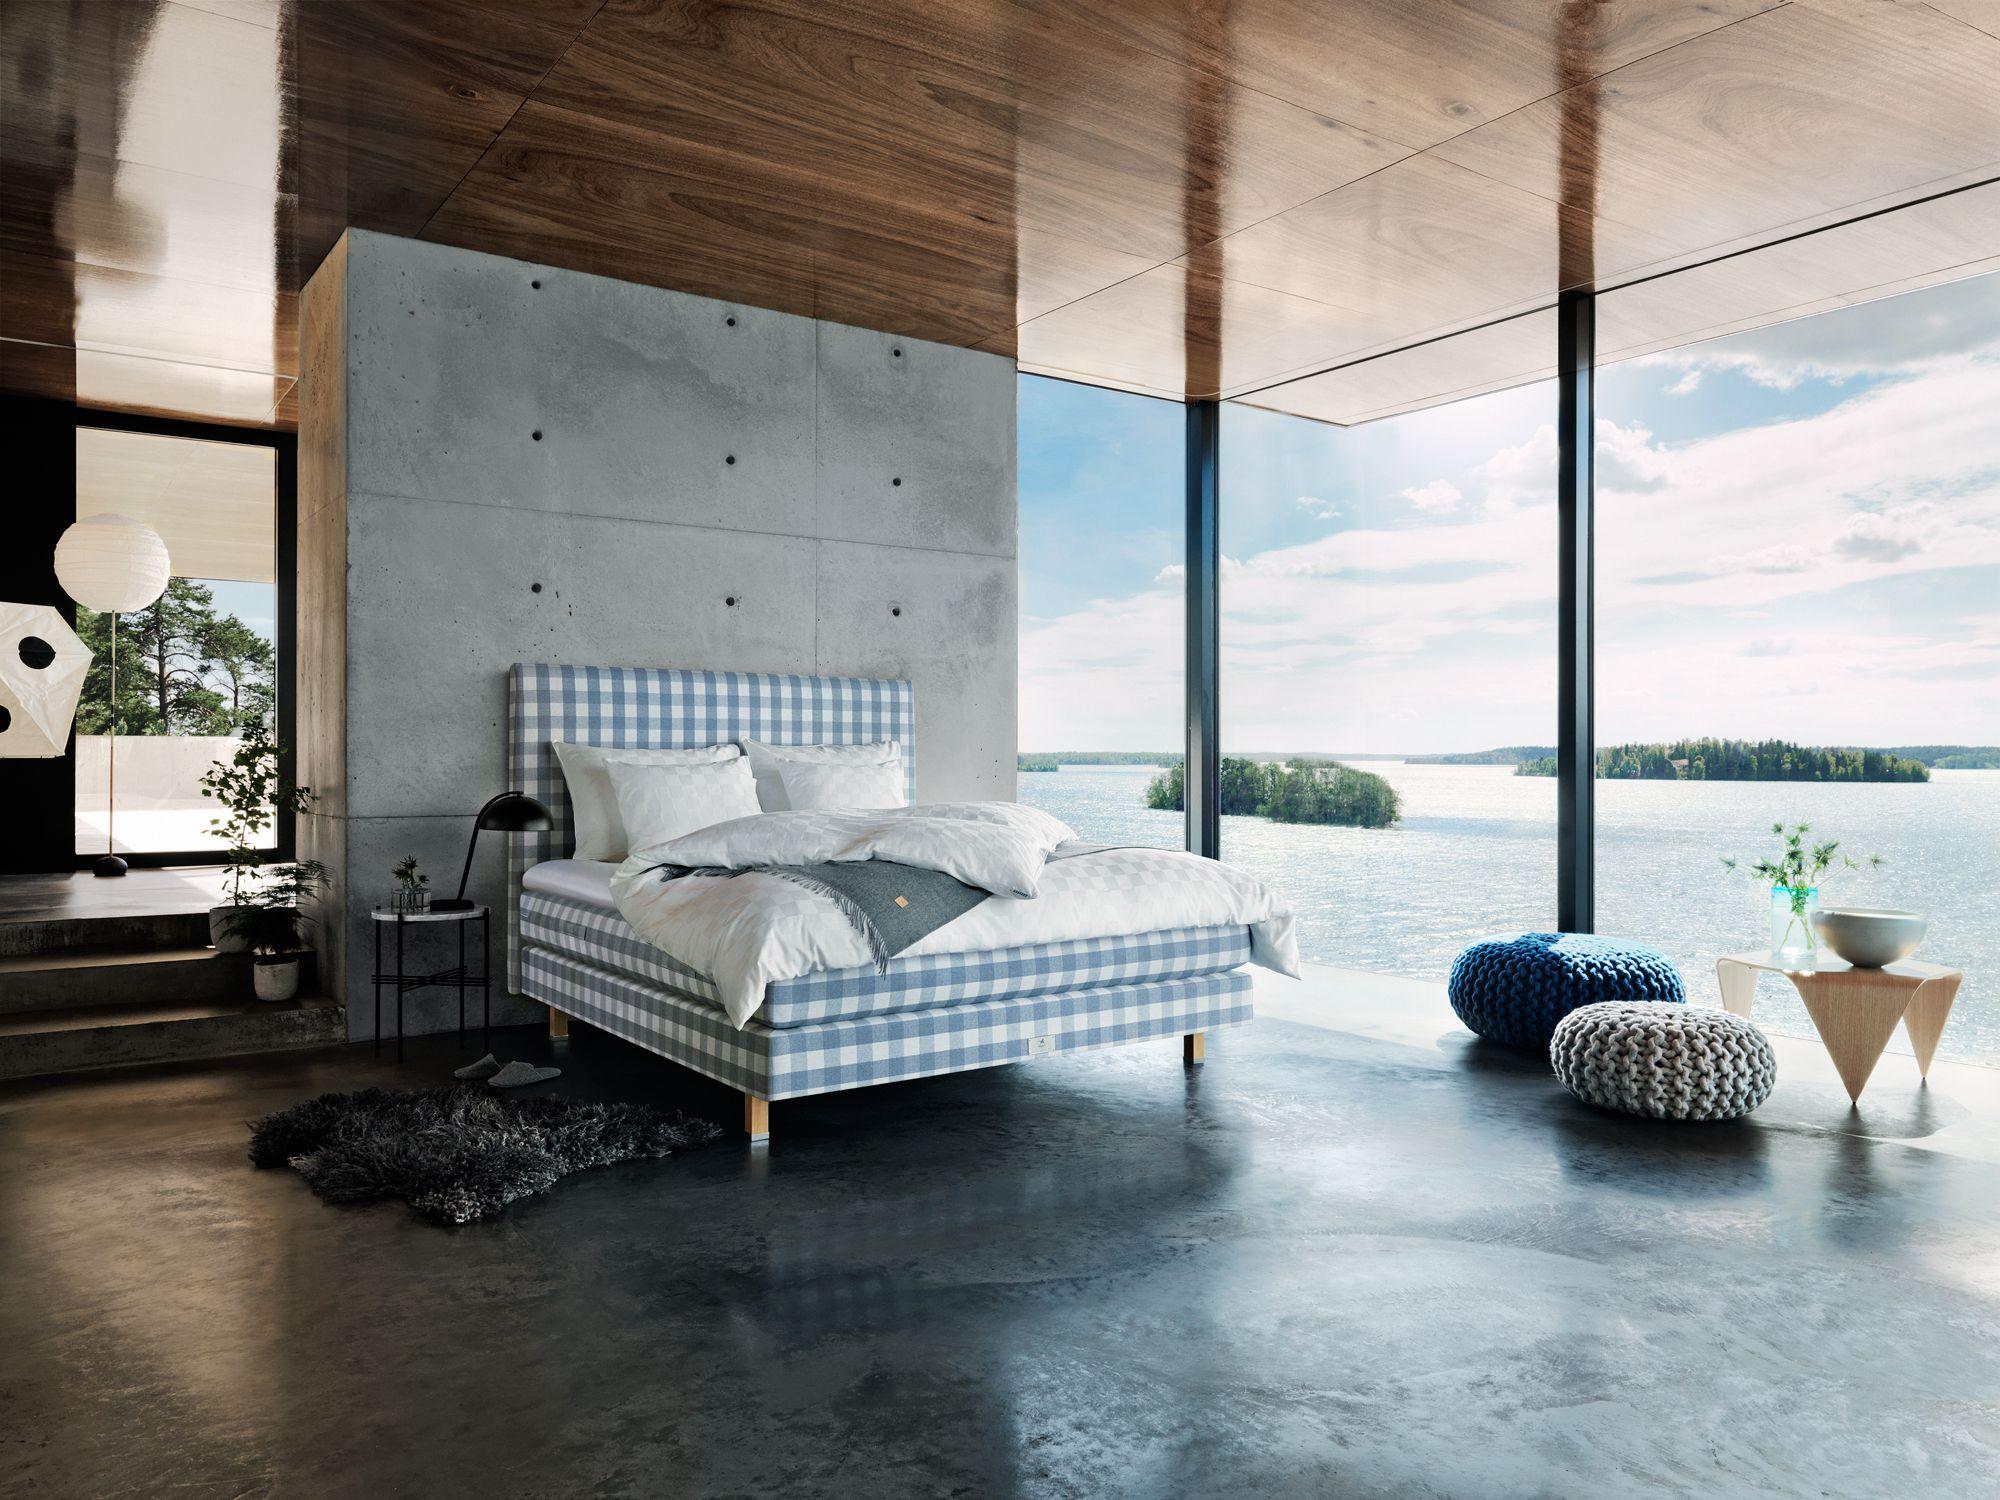 Ferienwohnung Tegernsee mit Terrasse oder Balkon für bis zu 3 Personen mieten Hotel Pinterest